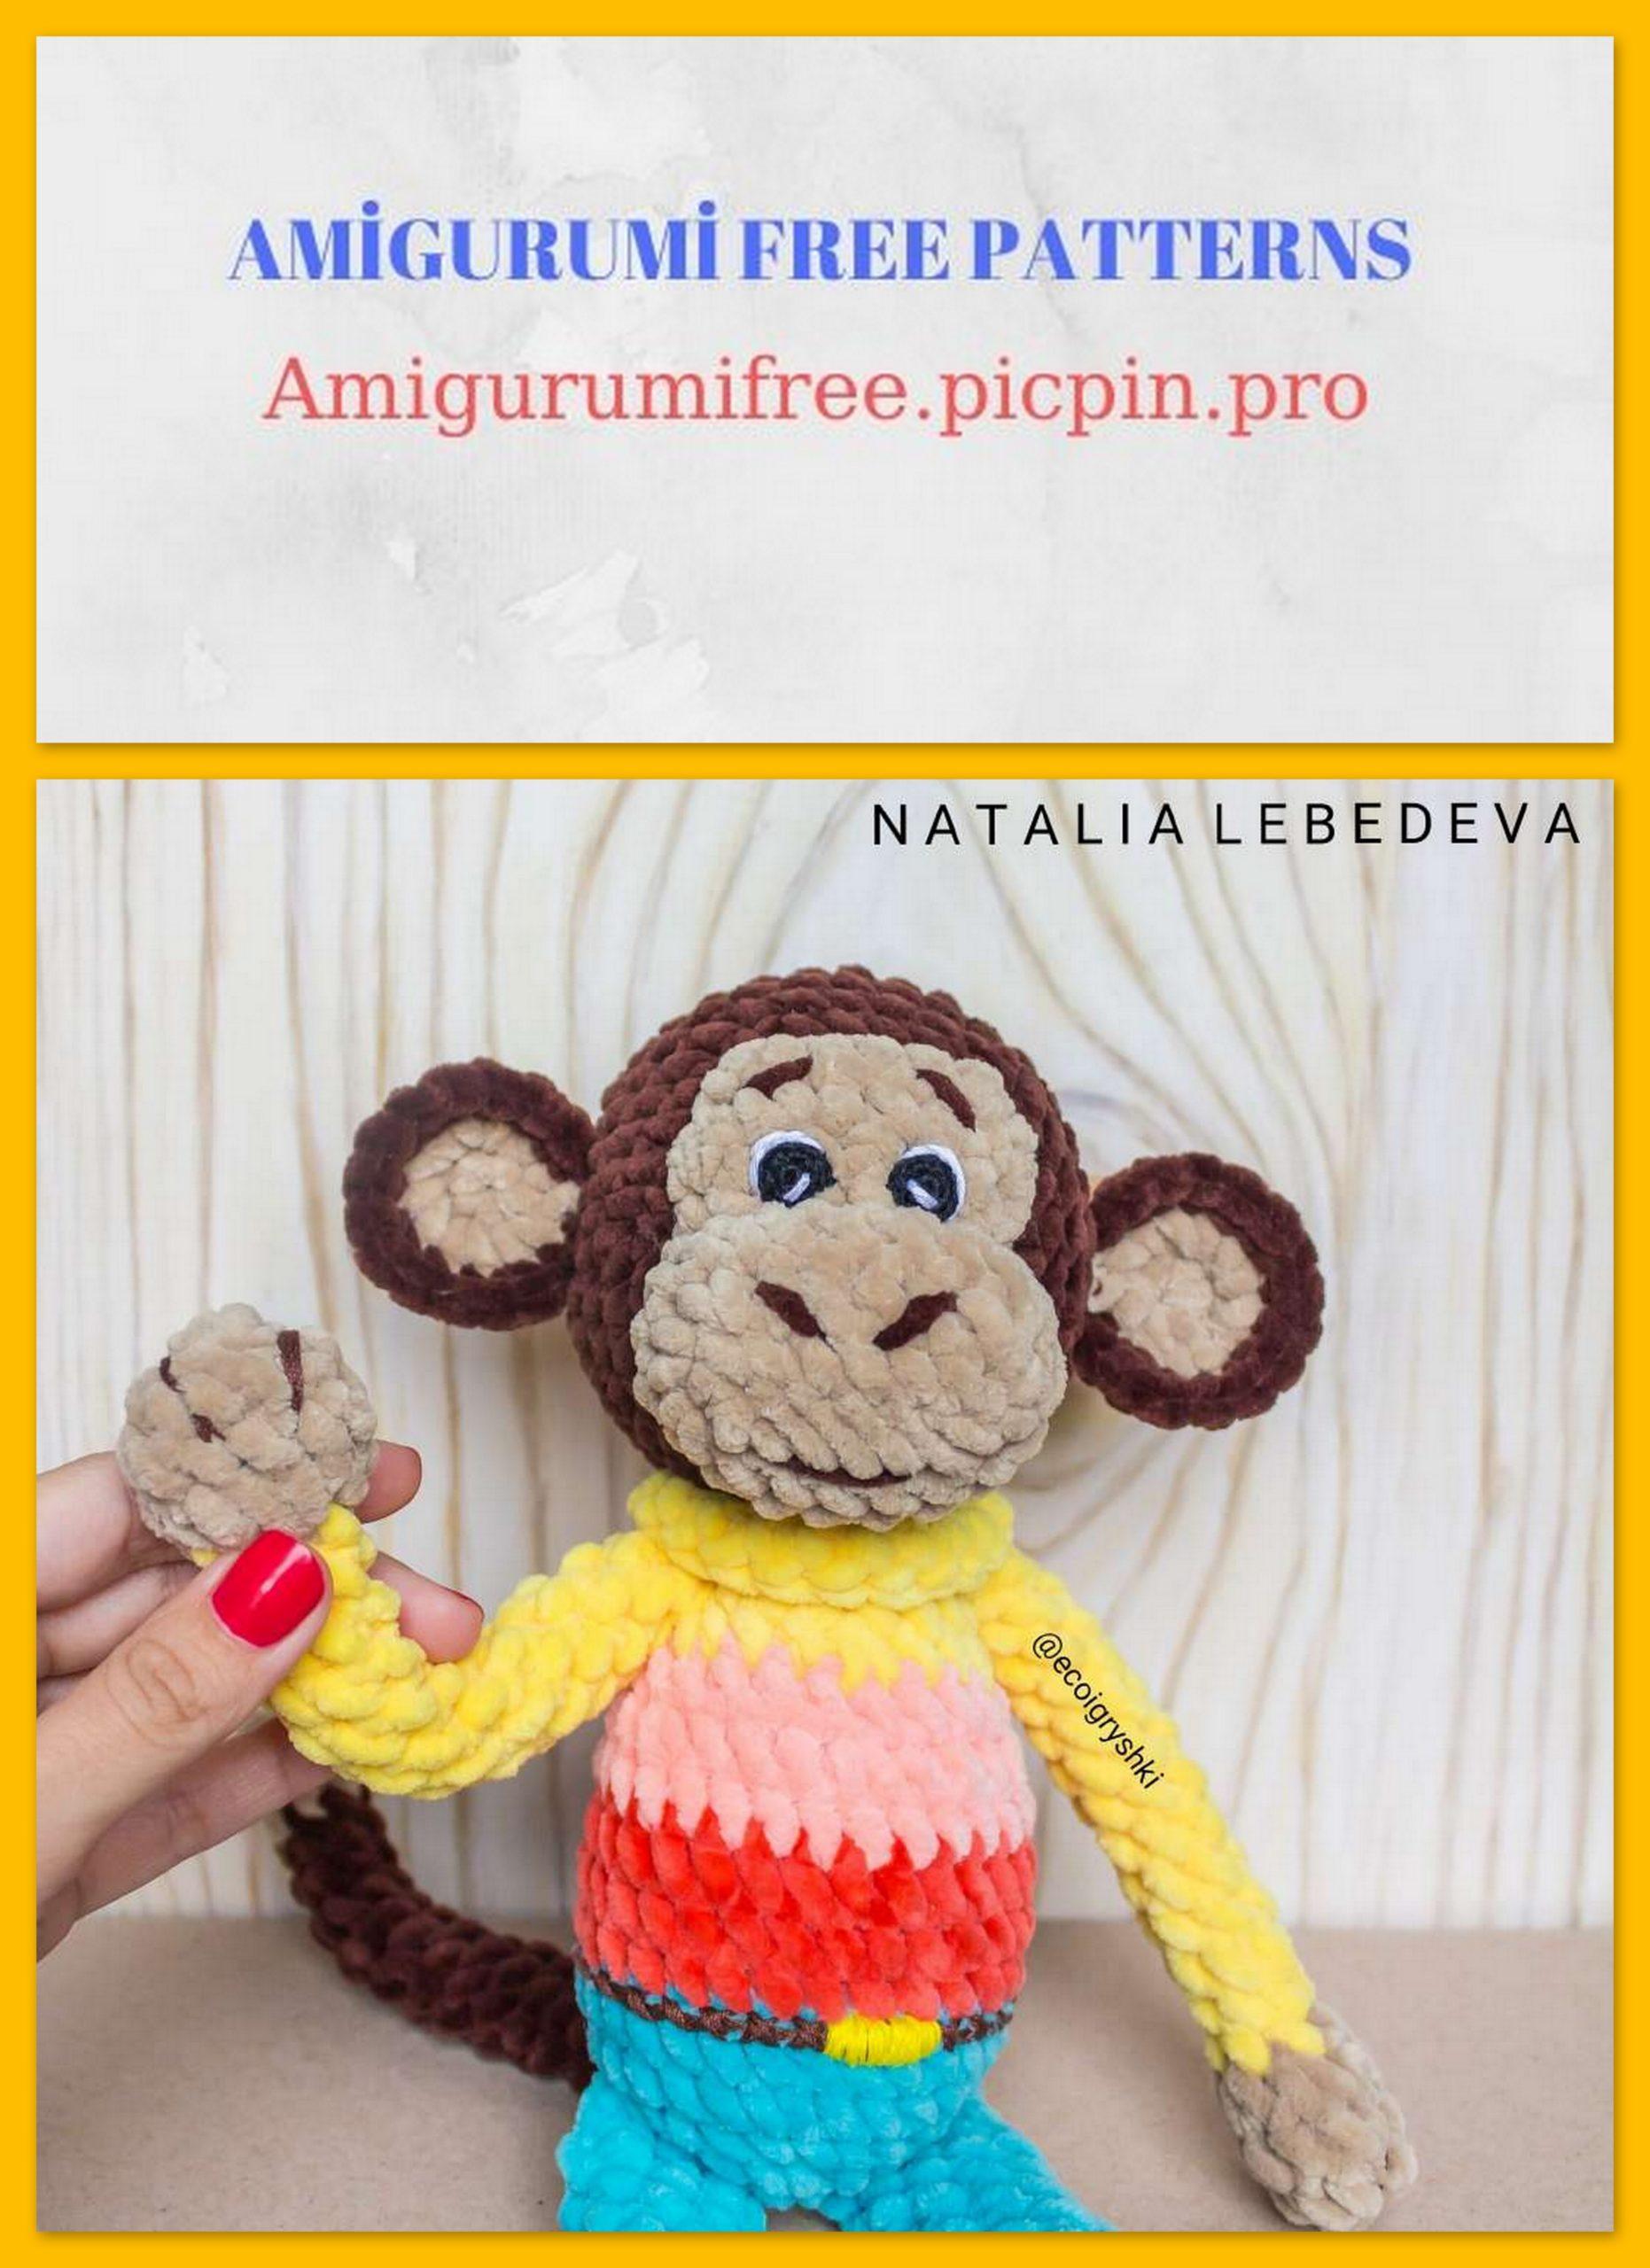 Mambo the Monkey - amigurumi monkey pattern | lilleliis | 2560x1862